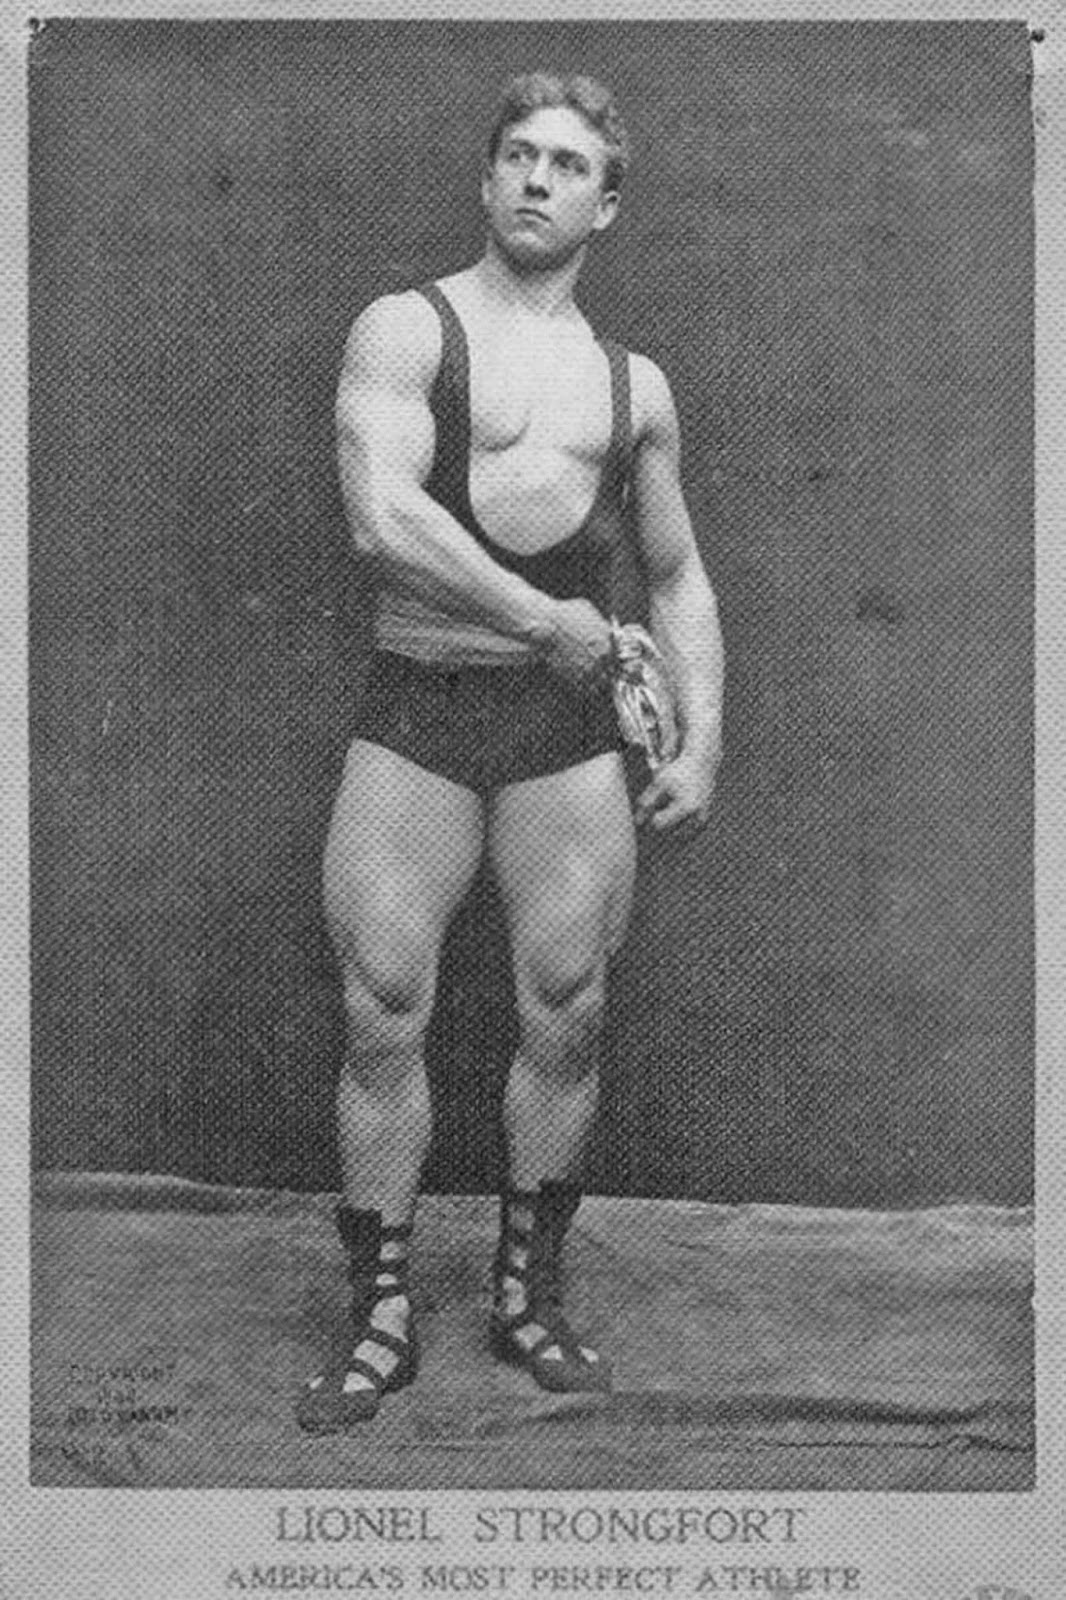 Lionel Strongfort. Comenzó su famosa carrera teatral alrededor de 1897, llegando a ser mundialmente famoso por su